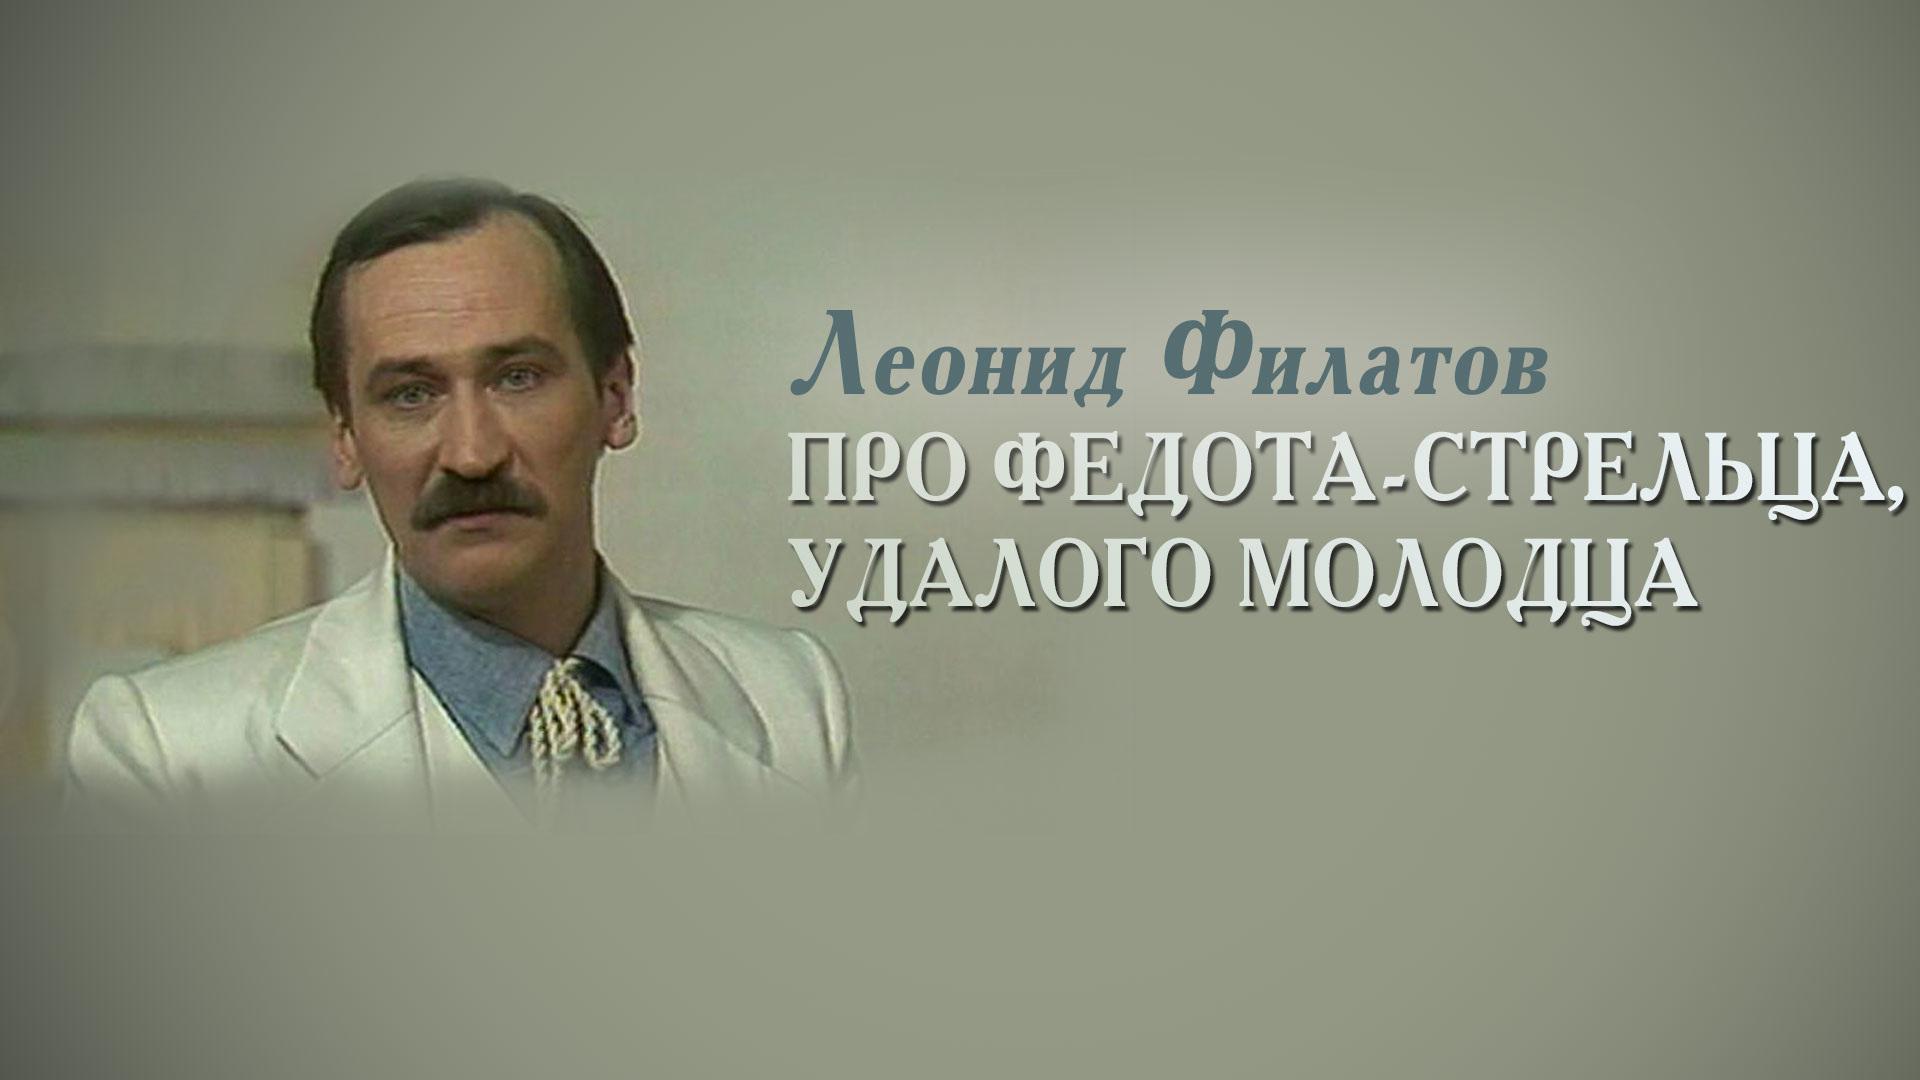 Леонид Филатов. Про Федота-стрельца, удалого молодца